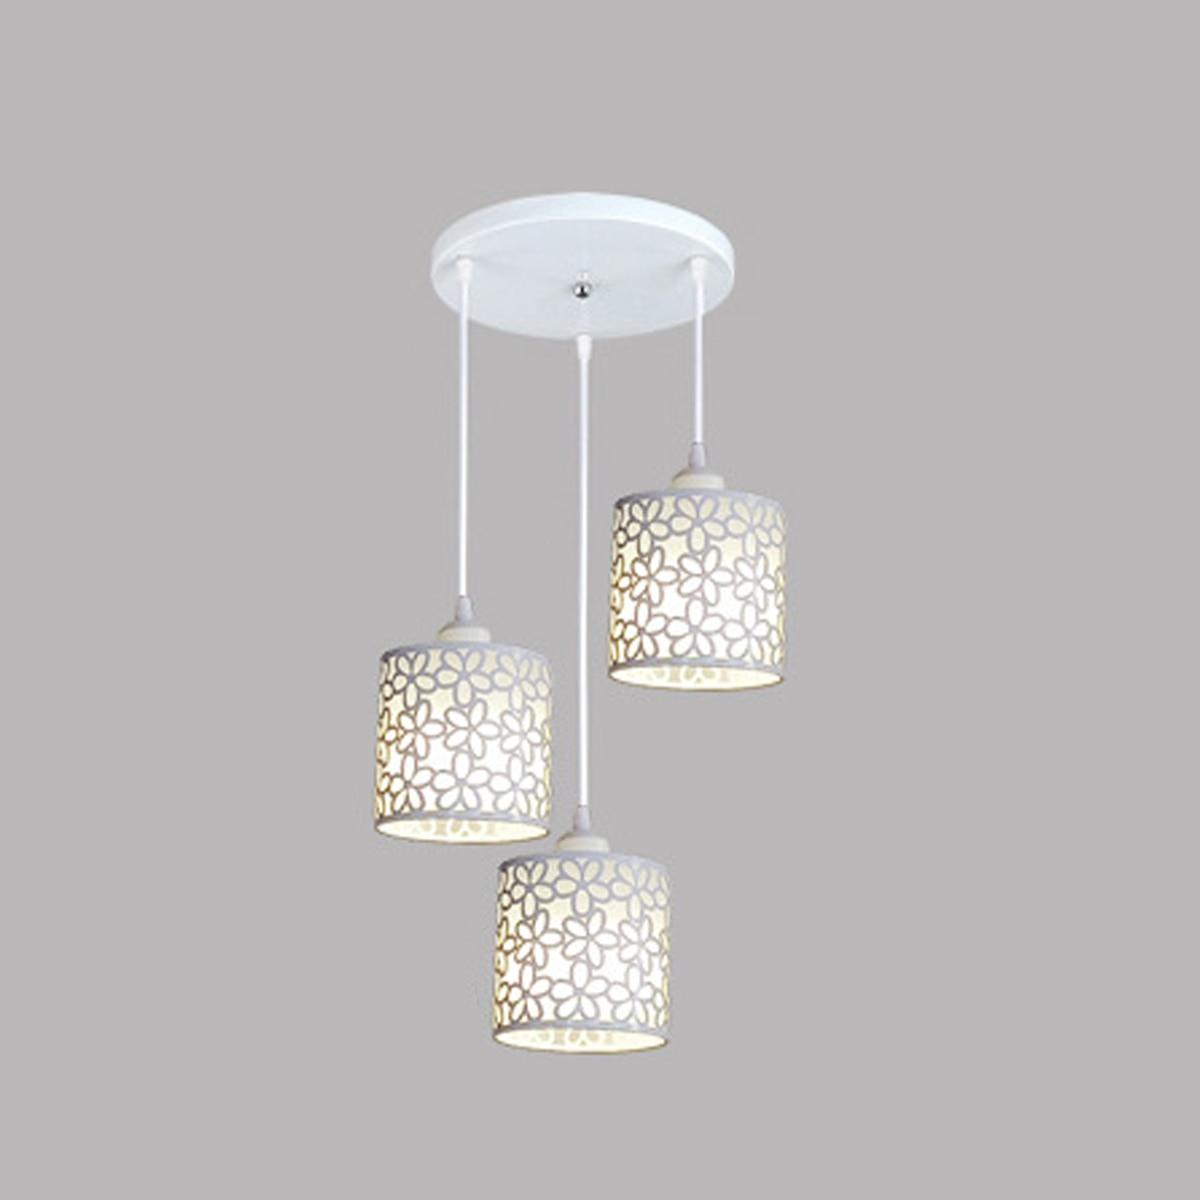 Nórdico moderno led luzes pingente luminárias ferro oco para fora pendurado luminária para casa decoração para sala de jantar quarto loja barra